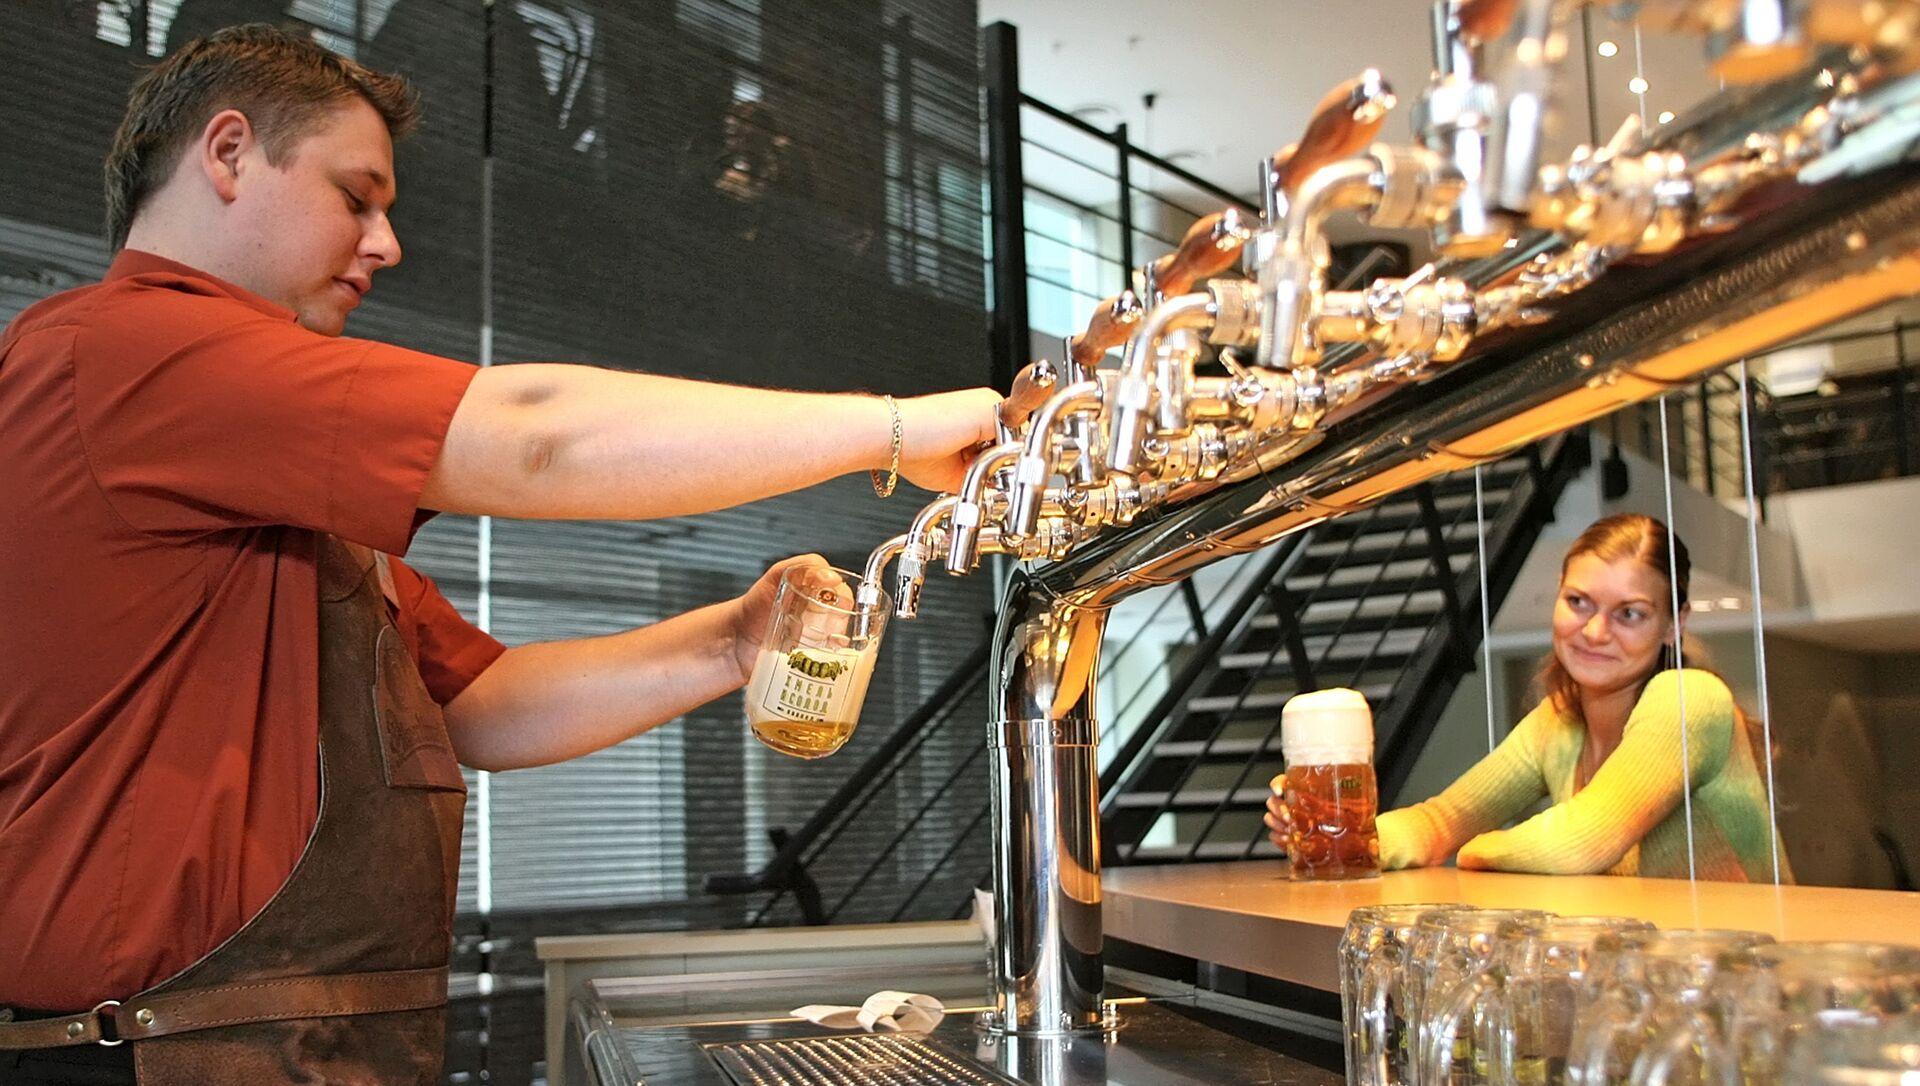 Un barista serve della birra - Sputnik Italia, 1920, 18.05.2021